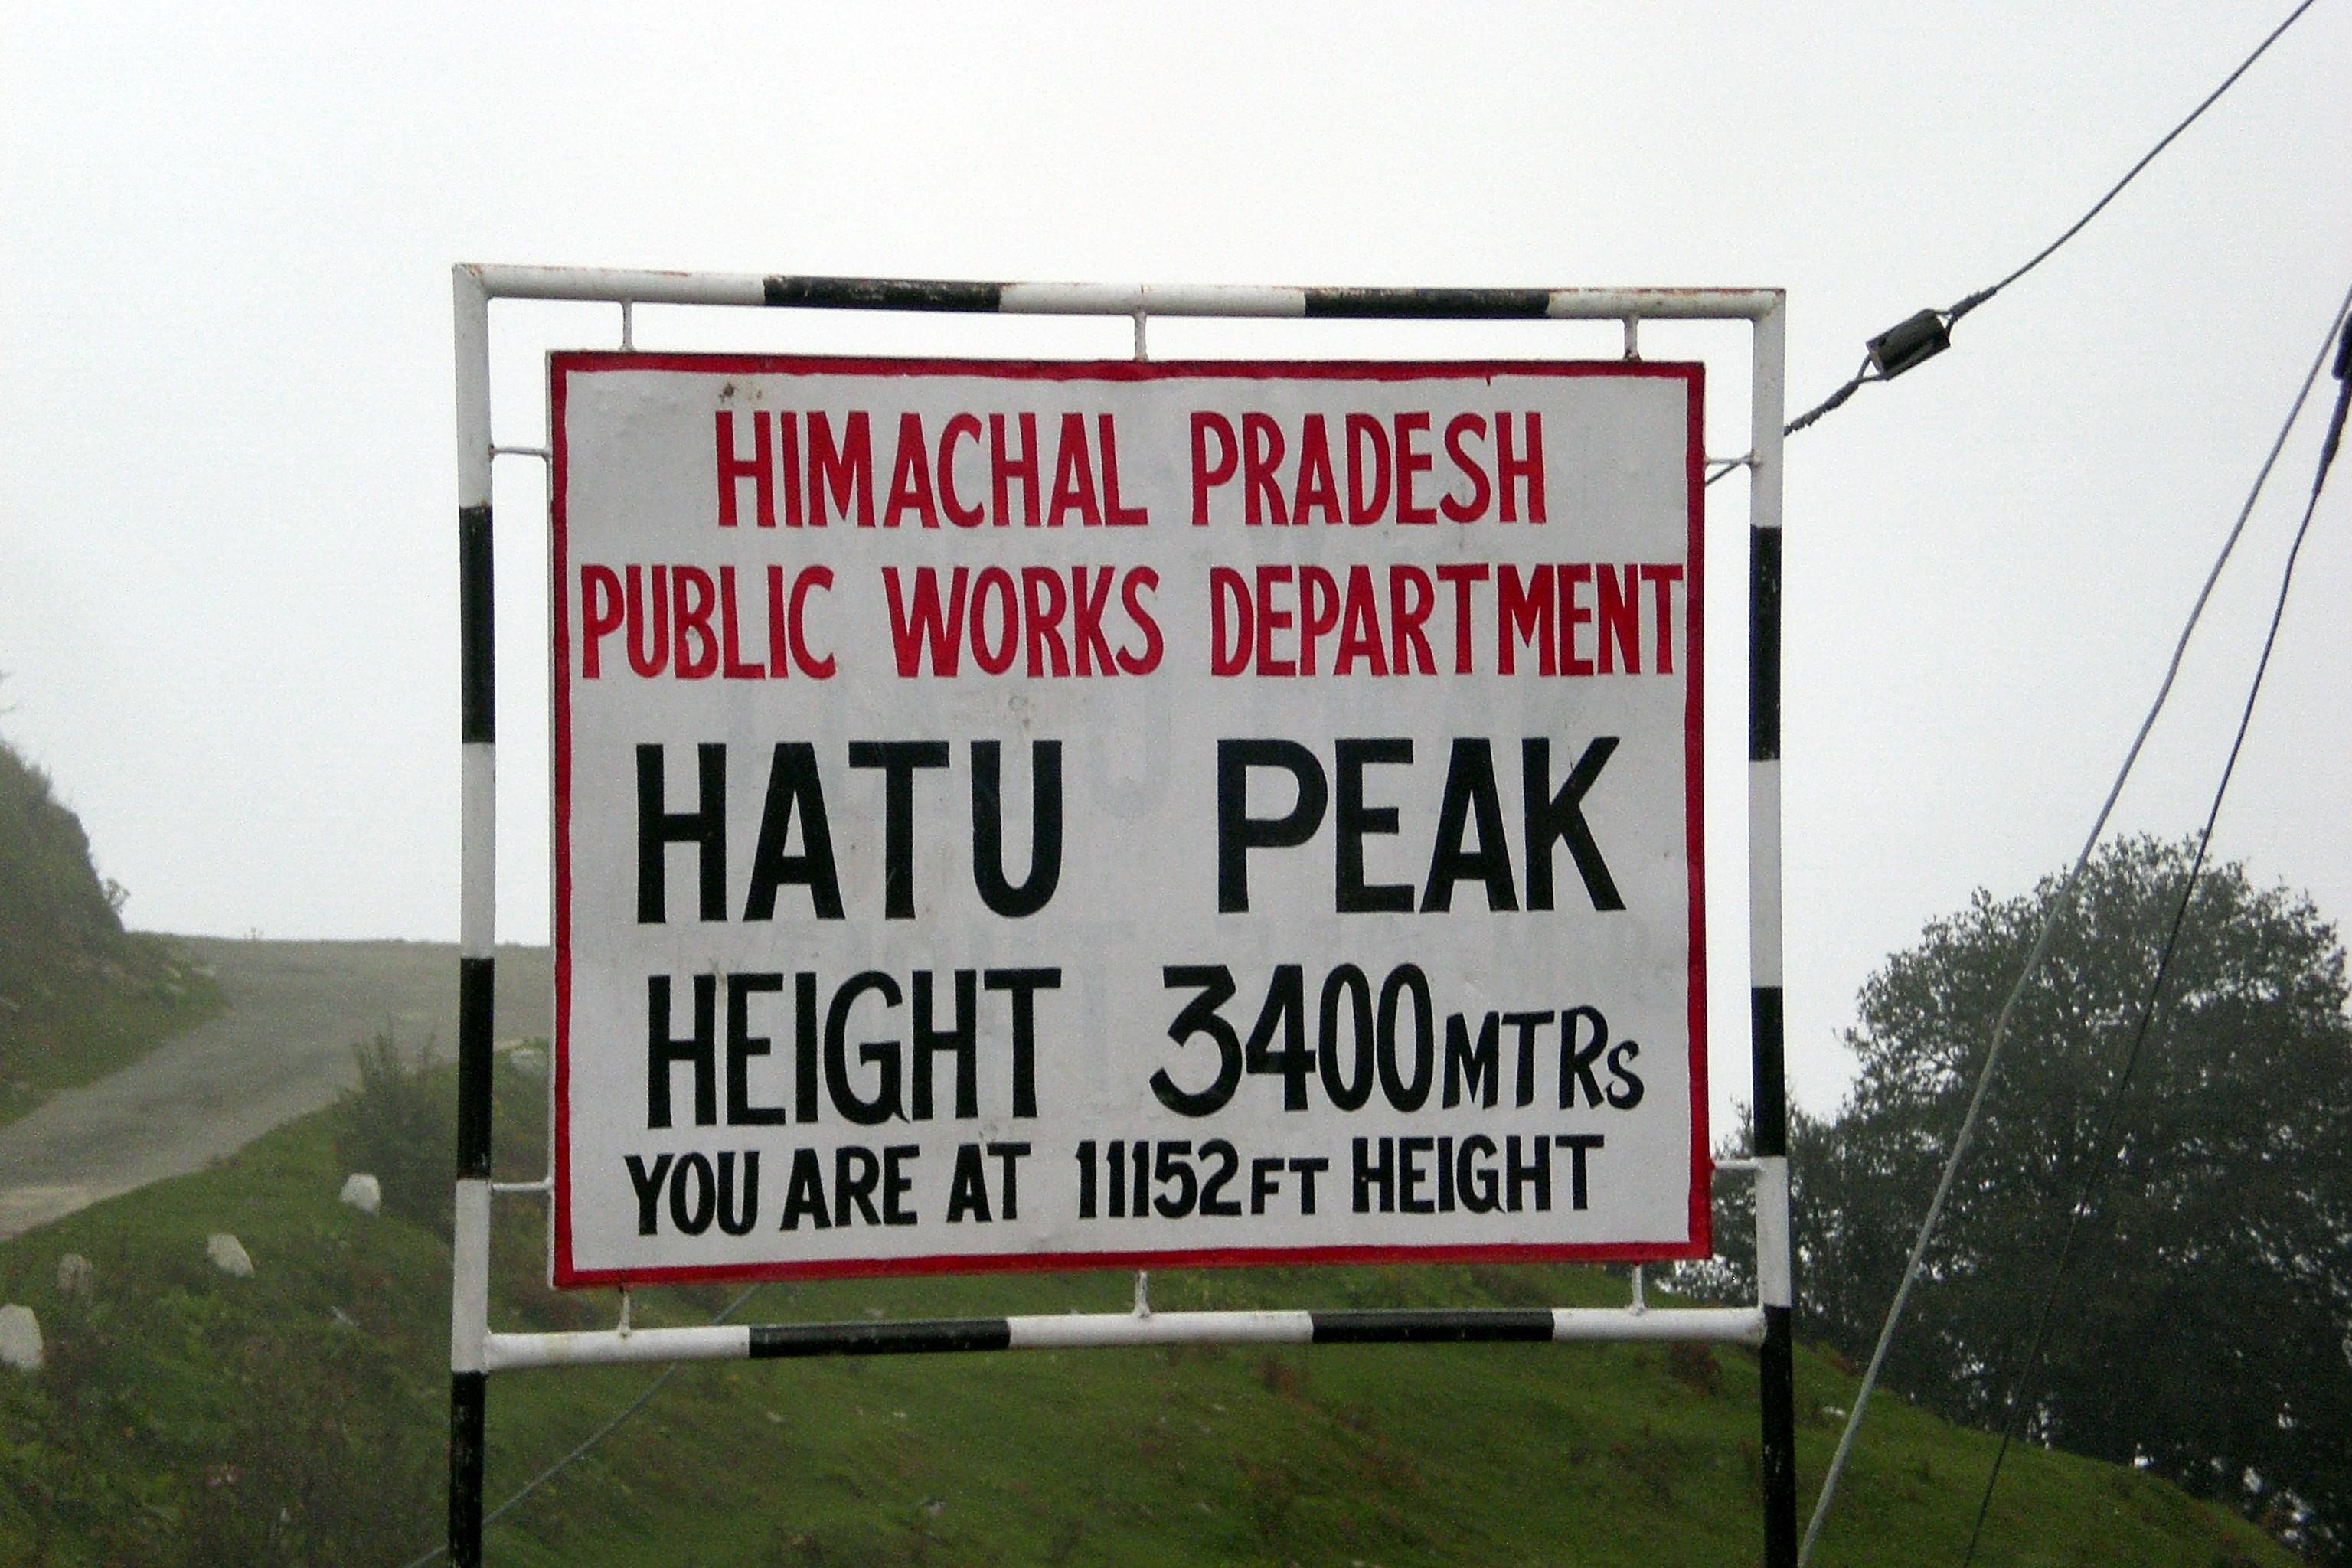 Narkanda_hatu_peak_himachal_pradesh